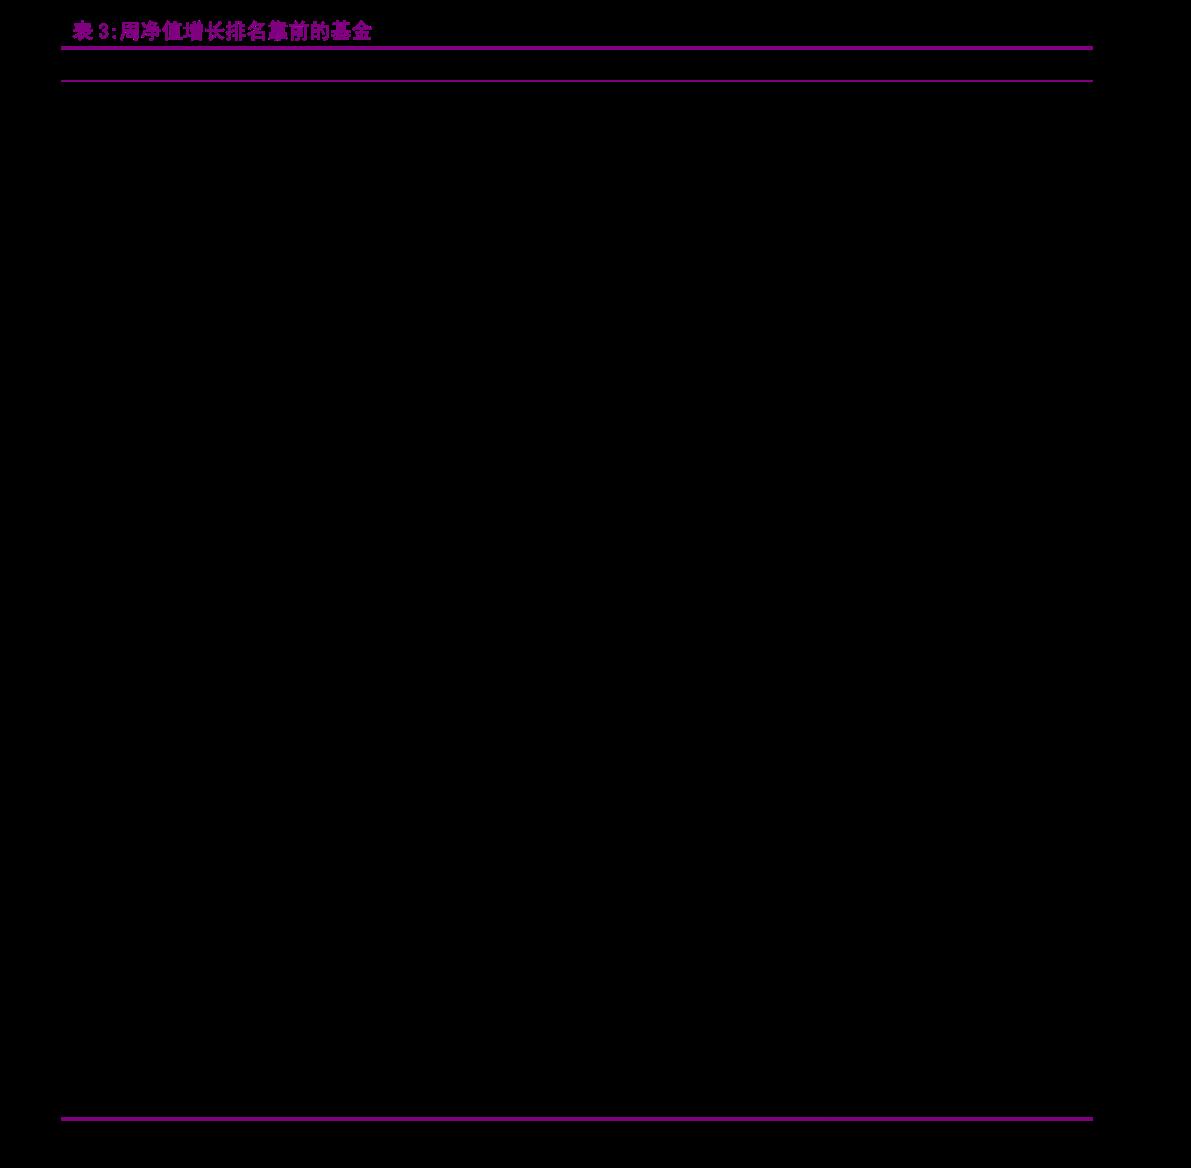 招商雷火电竞平台-申万菱信基金付娟投资风格分析:专注成长投资,板块轮动增强收益-210113